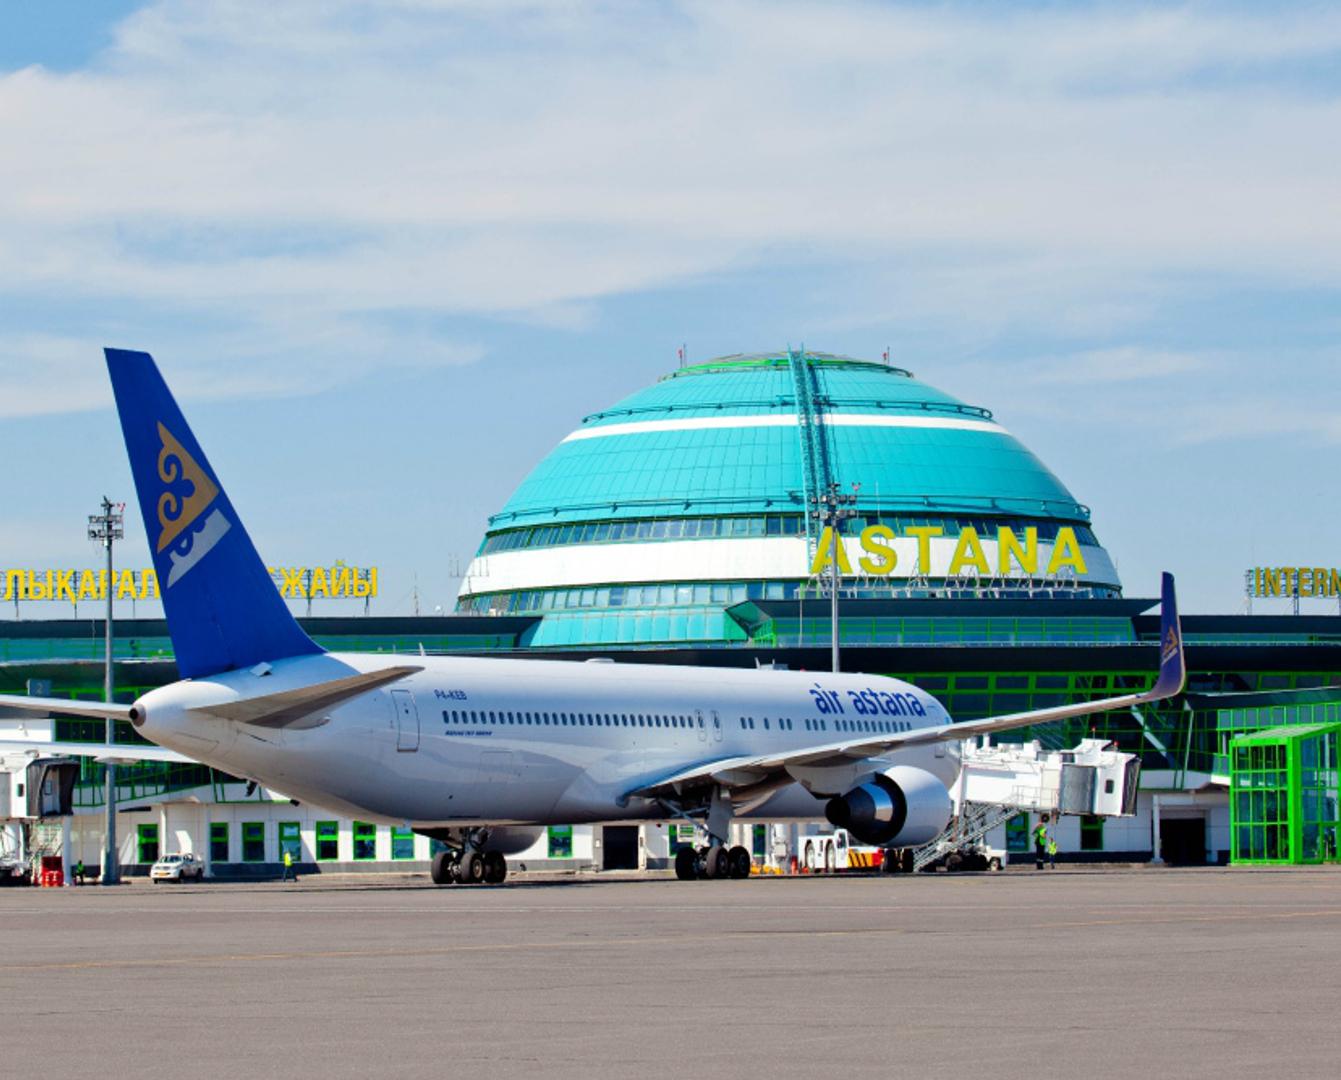 Новости Актау - В Казахстане вдвое выросли цены на авиабилеты